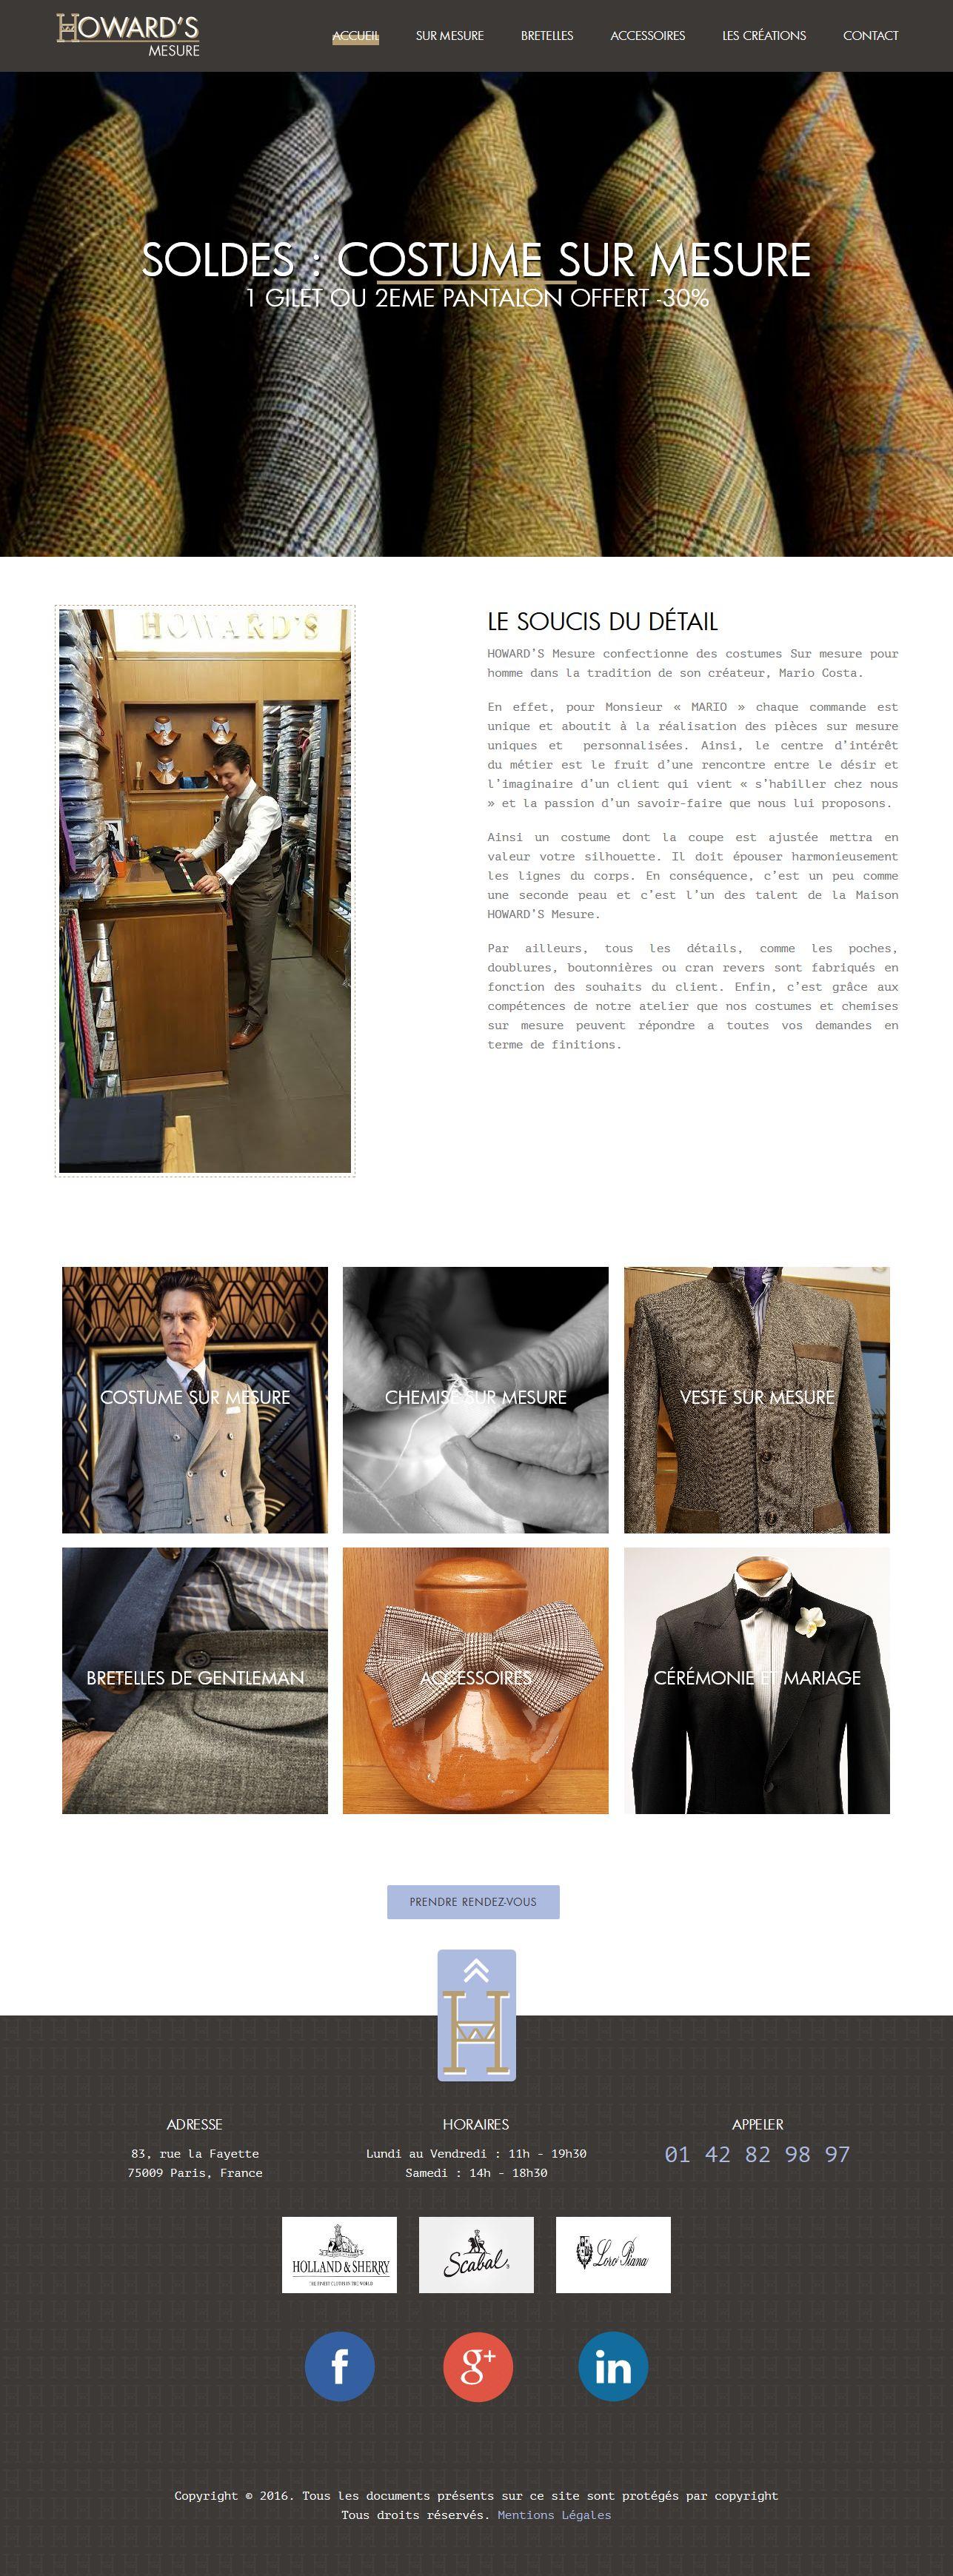 Howard's Costume' - site web vitrine créé par GeekArts